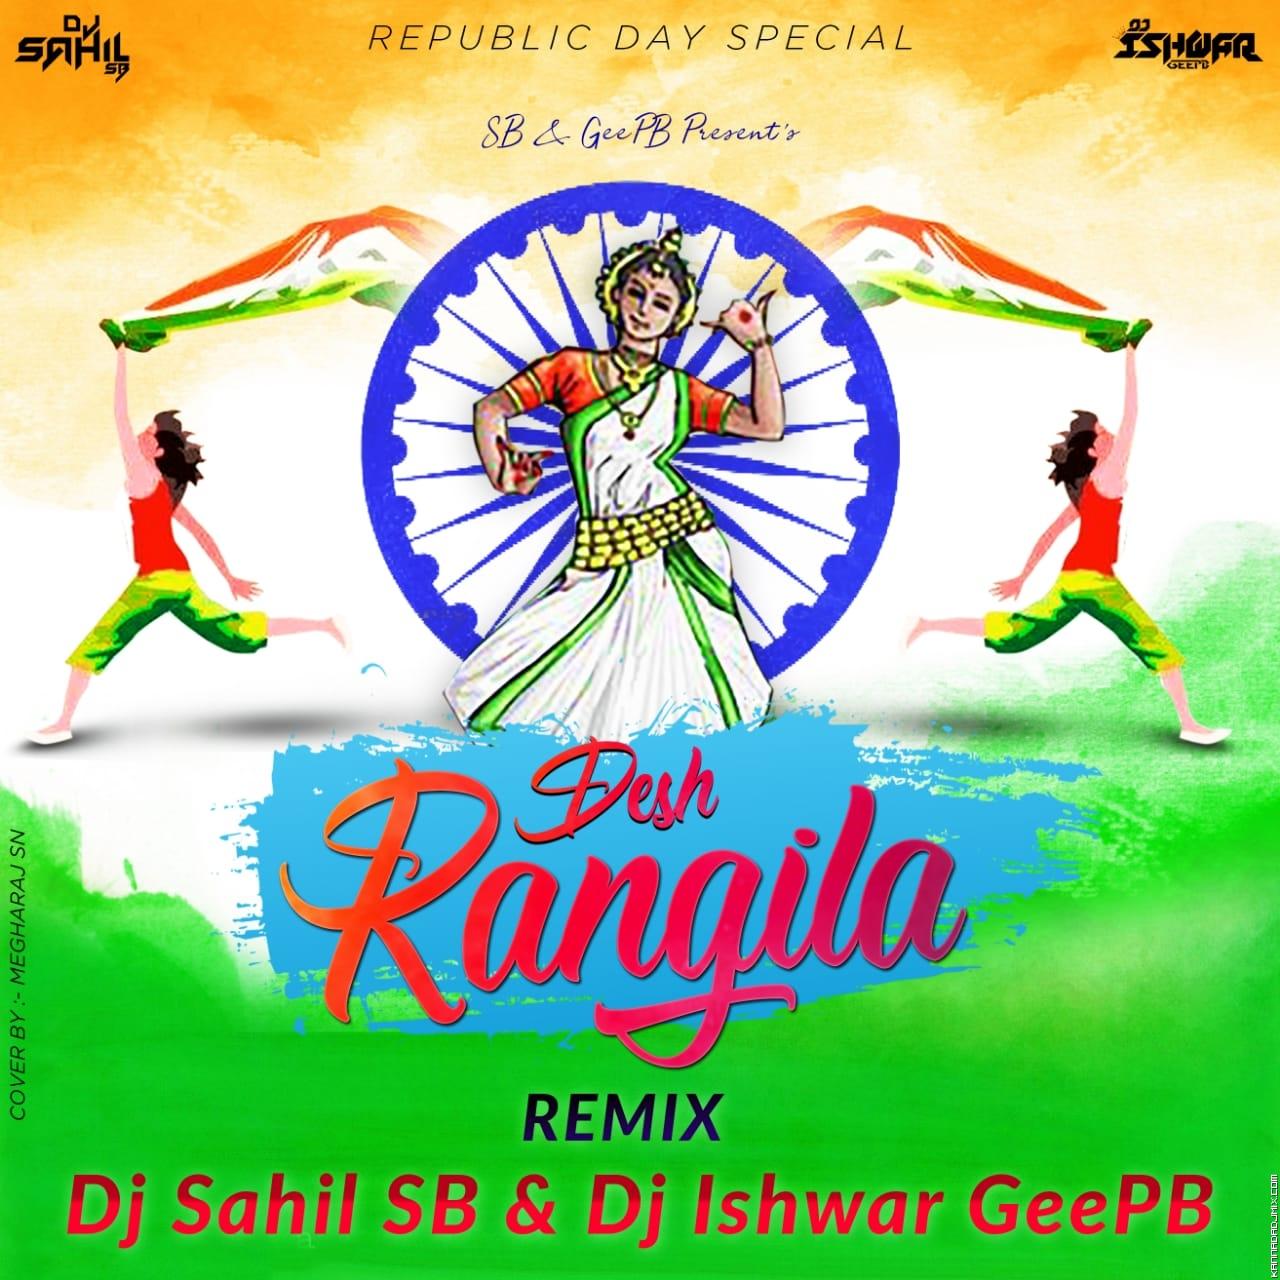 DESH_RANGILA_REMIX_DJ_SAHIL_SB DJ ISHWAR GeePB.mp3